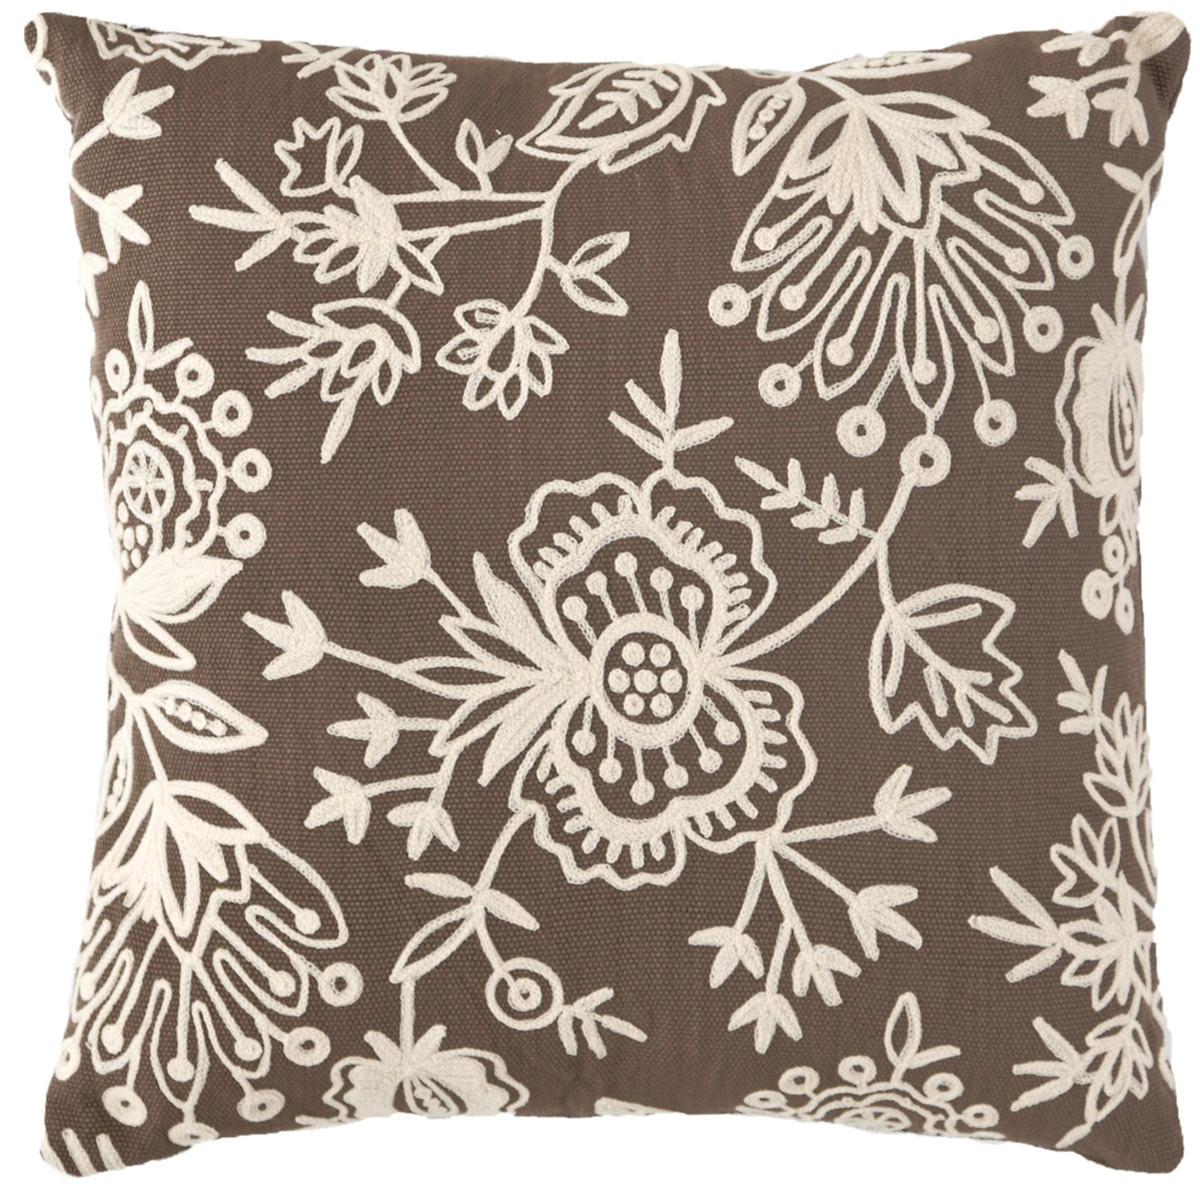 Fresh American Flora Crewel Charcoal Indoor/Outdoor Pillow